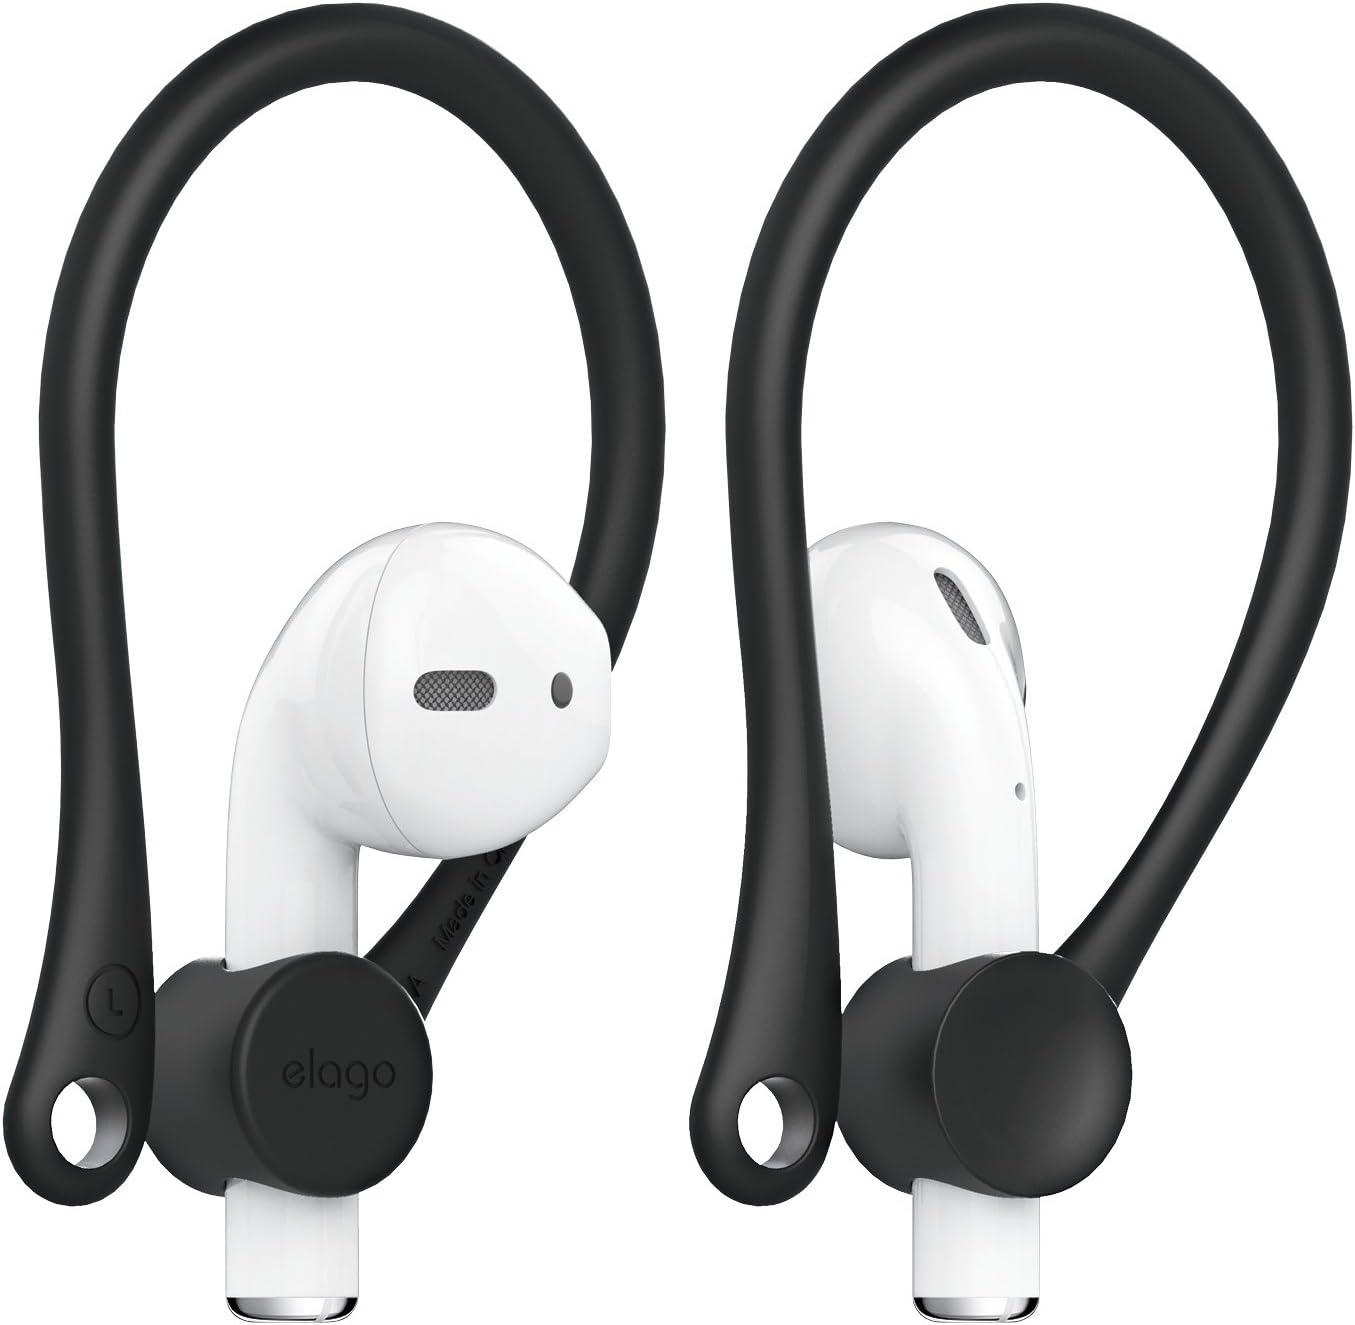 Elago Earhooks Kompatibel Mit Apple Airpods Pro Airpods 2 1 Perfekt Für Outdoor Aktivitäten Dauerhafter Komfort Schwarz Elektronik